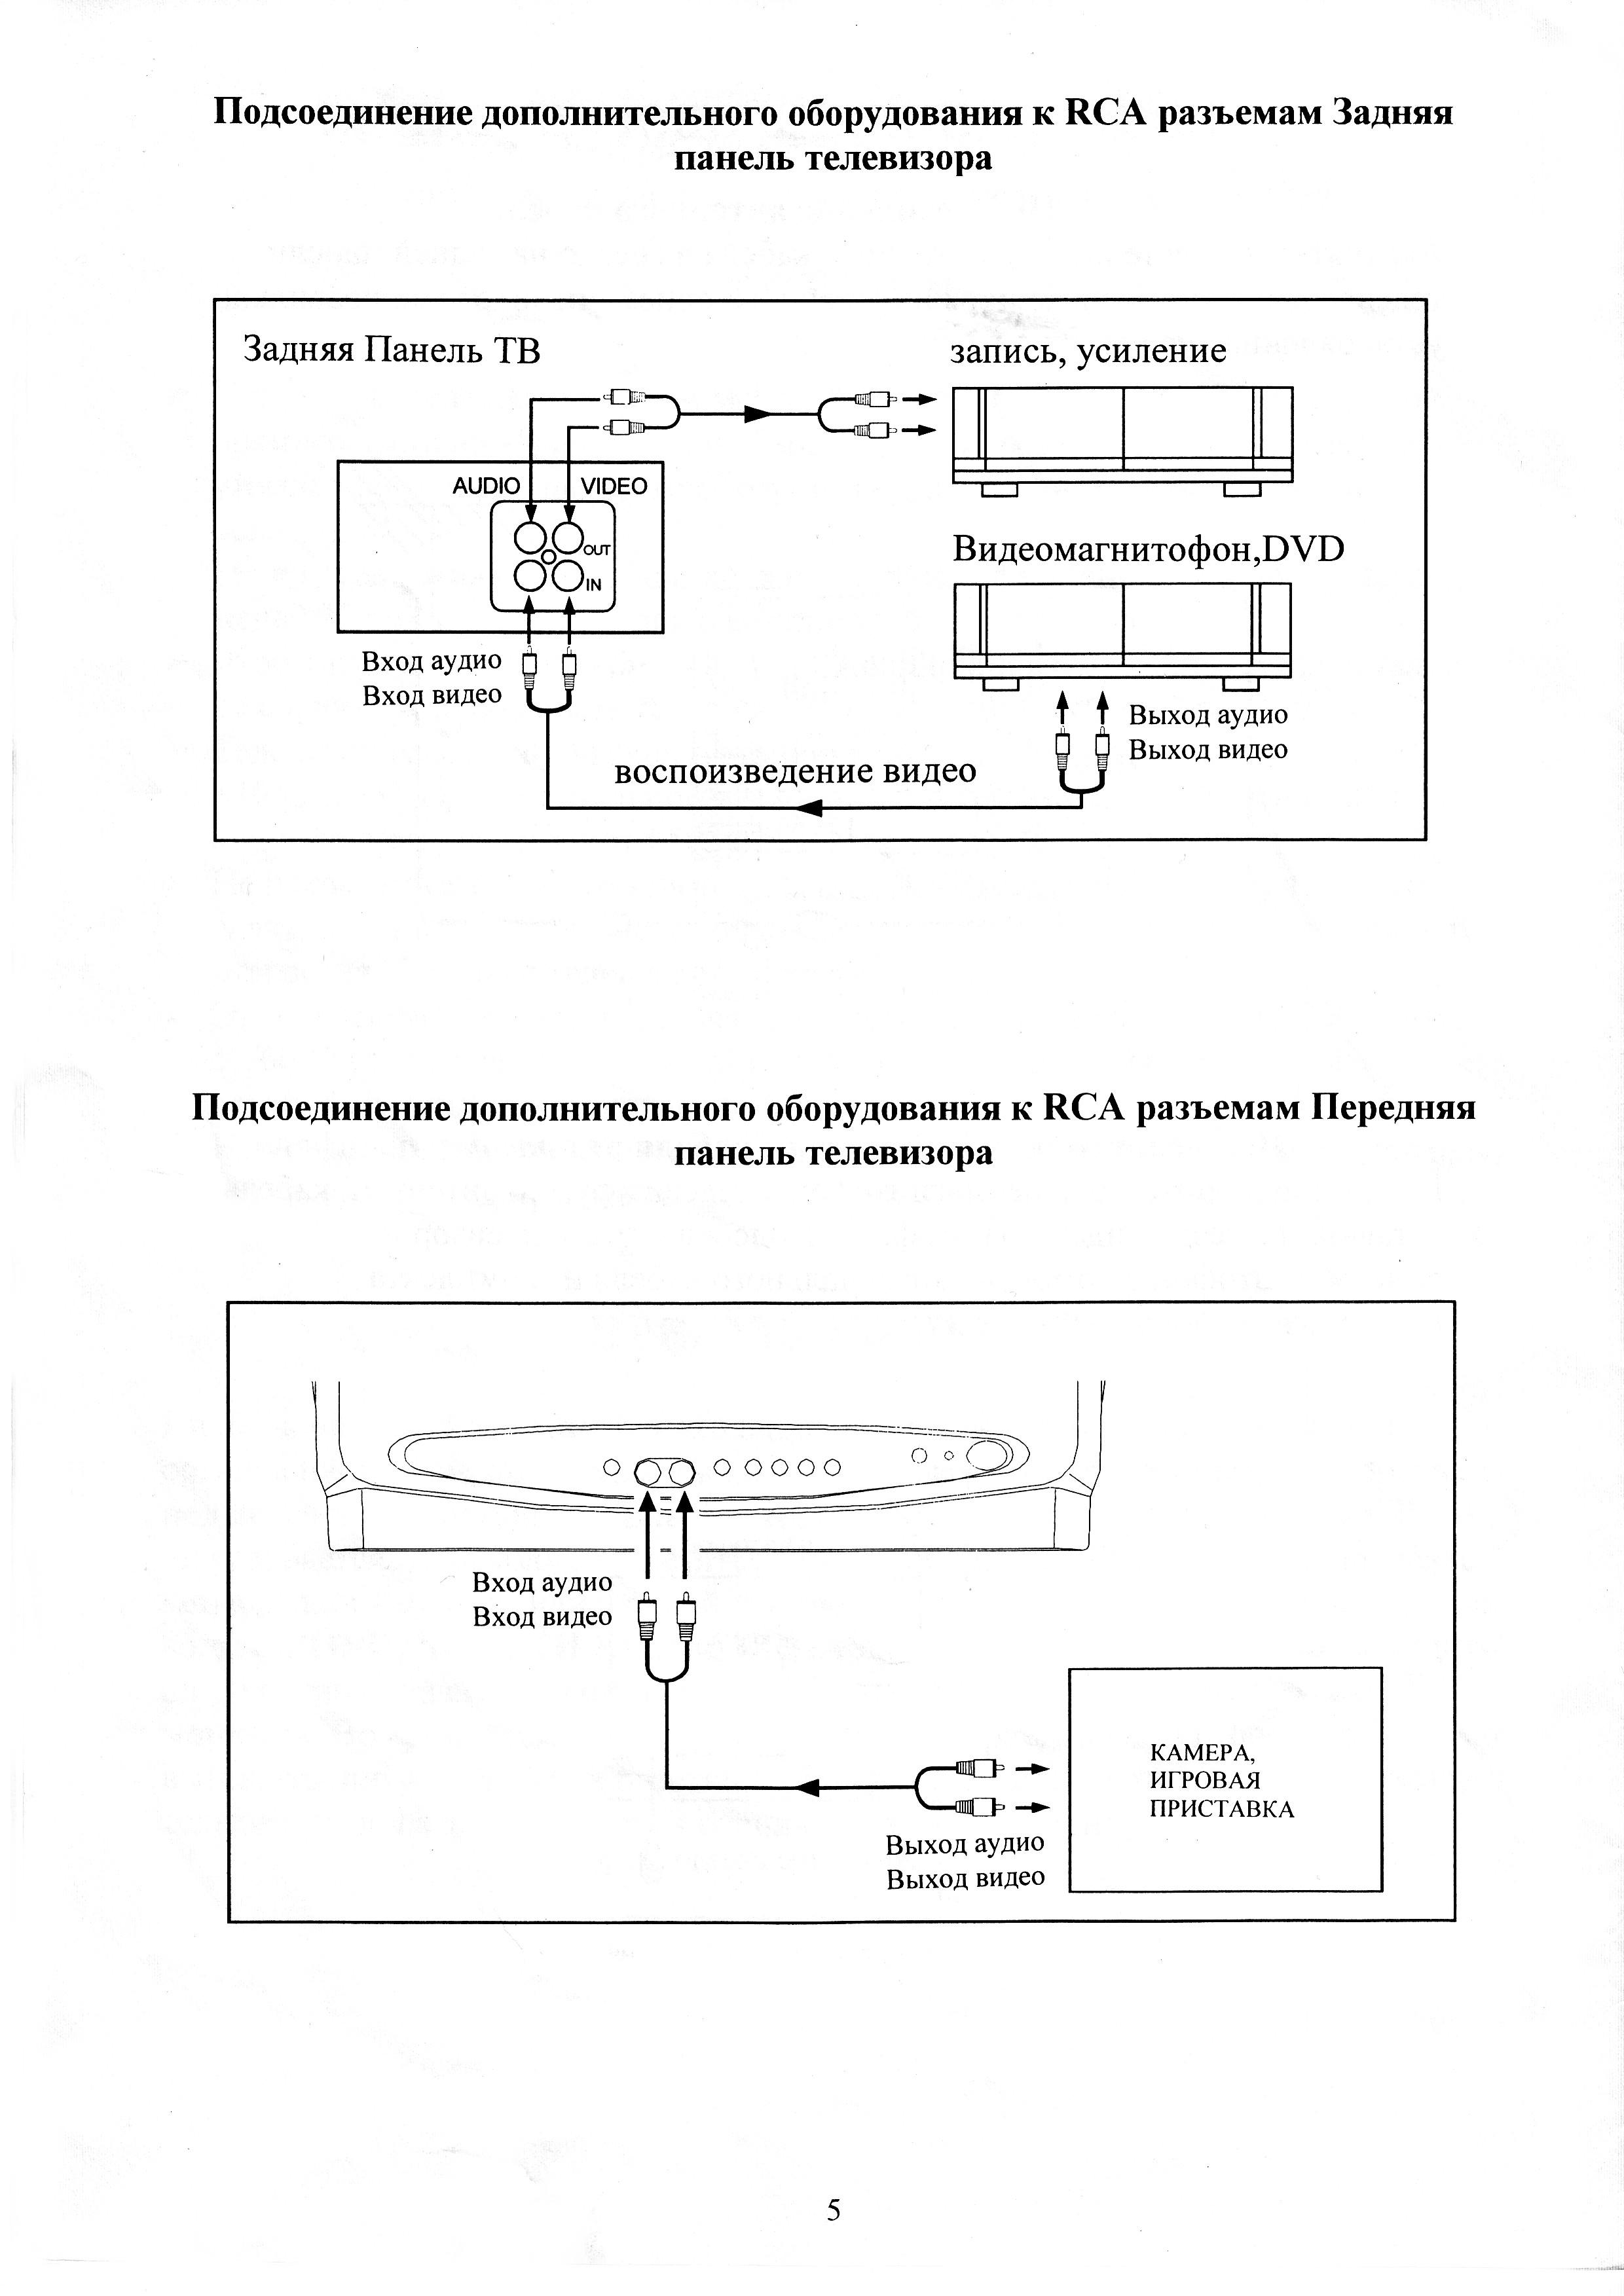 Схема телевизора эриссон 1401 фото 54